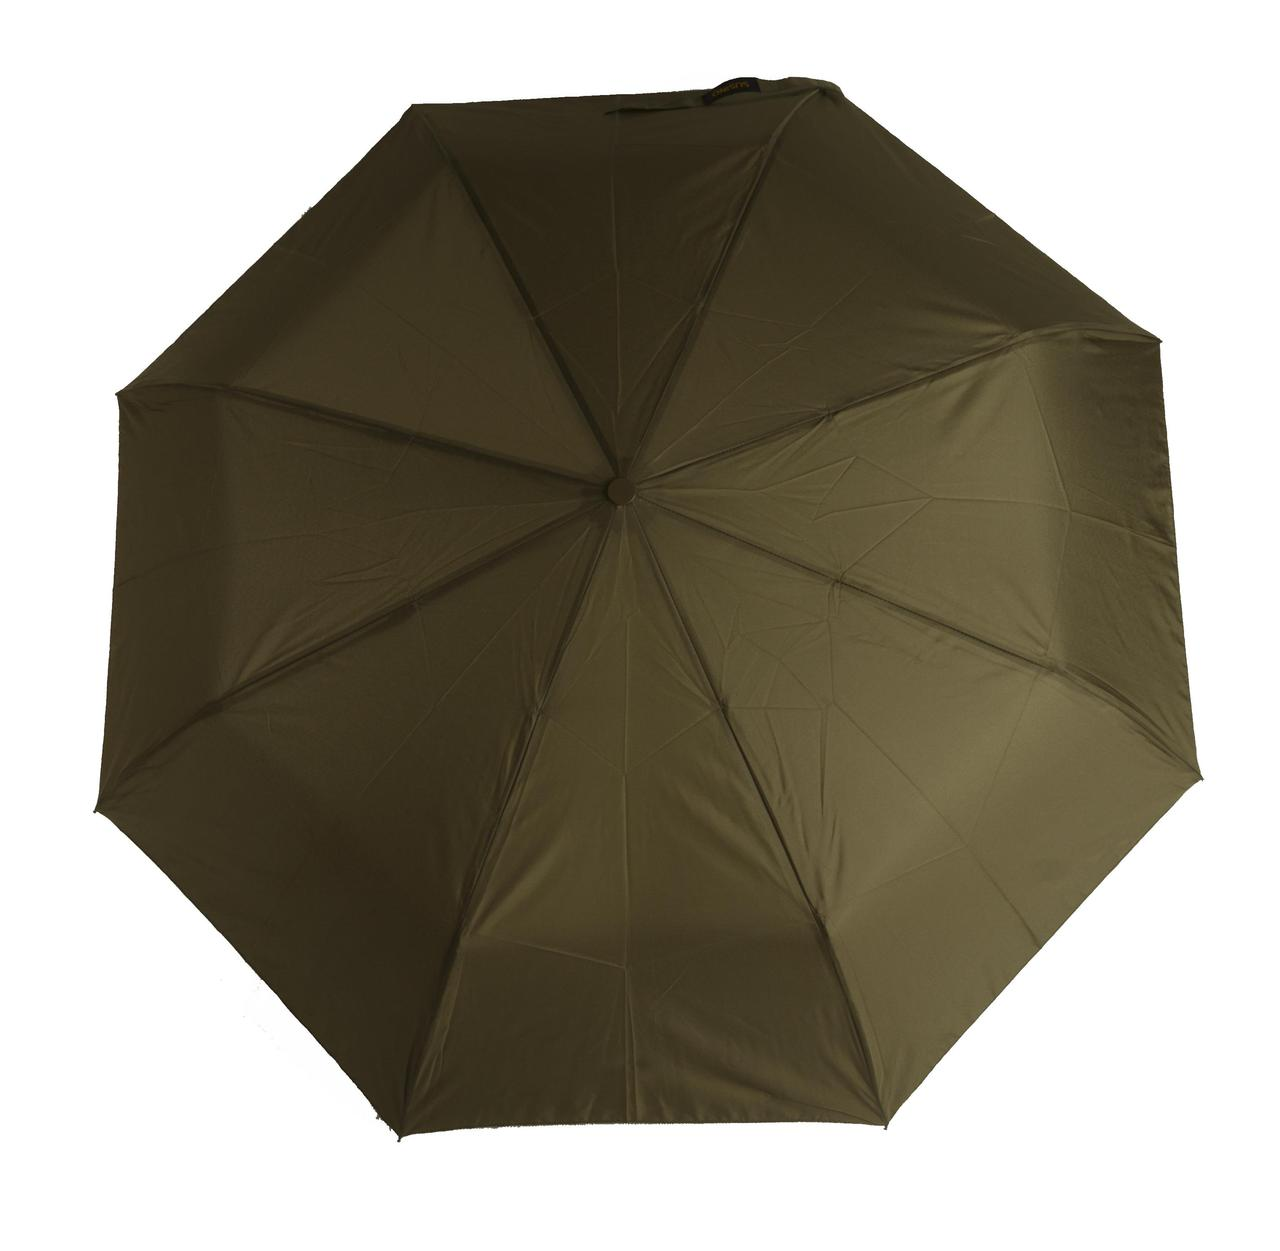 Женский симпатичный однотонный прочный зонтик автомат SUSINO art. 53002 темно оливковый (102894)